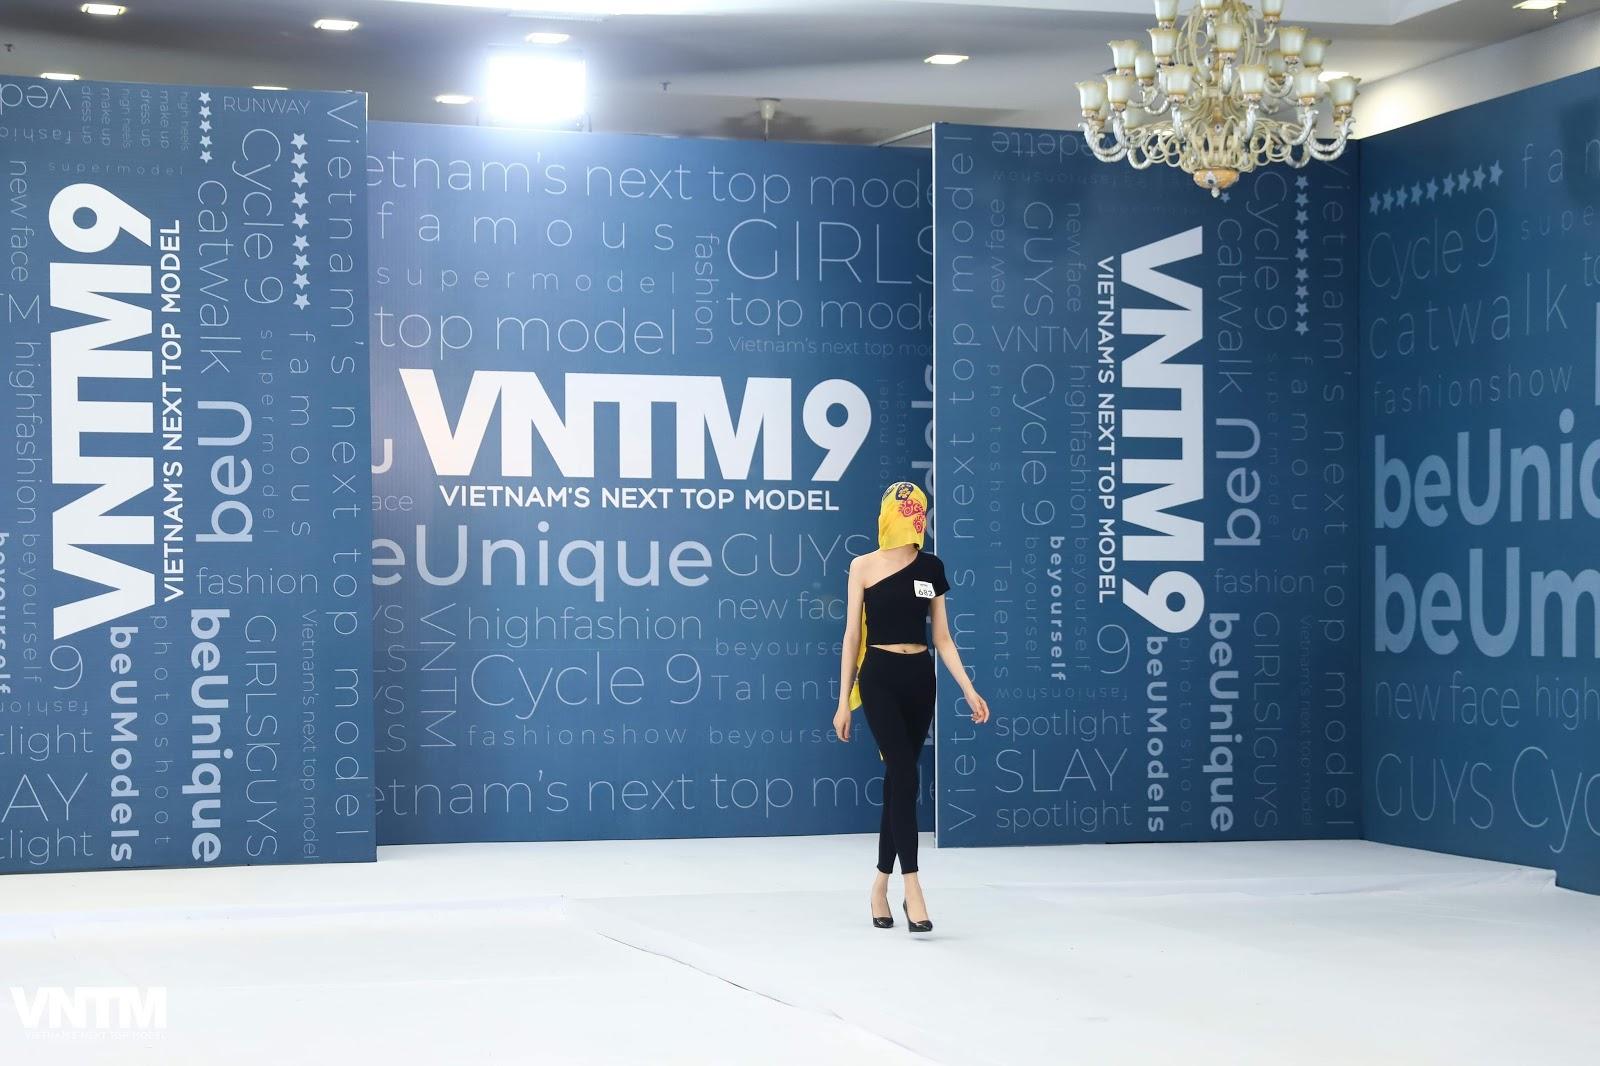 Vietnam's Next Top Model 2019: Nira (Chiếc lá cuốn bay), thỏ ngọc cùng ninja lead len lỏi sàn runway vòng casting phía Bắc  - Hình 4